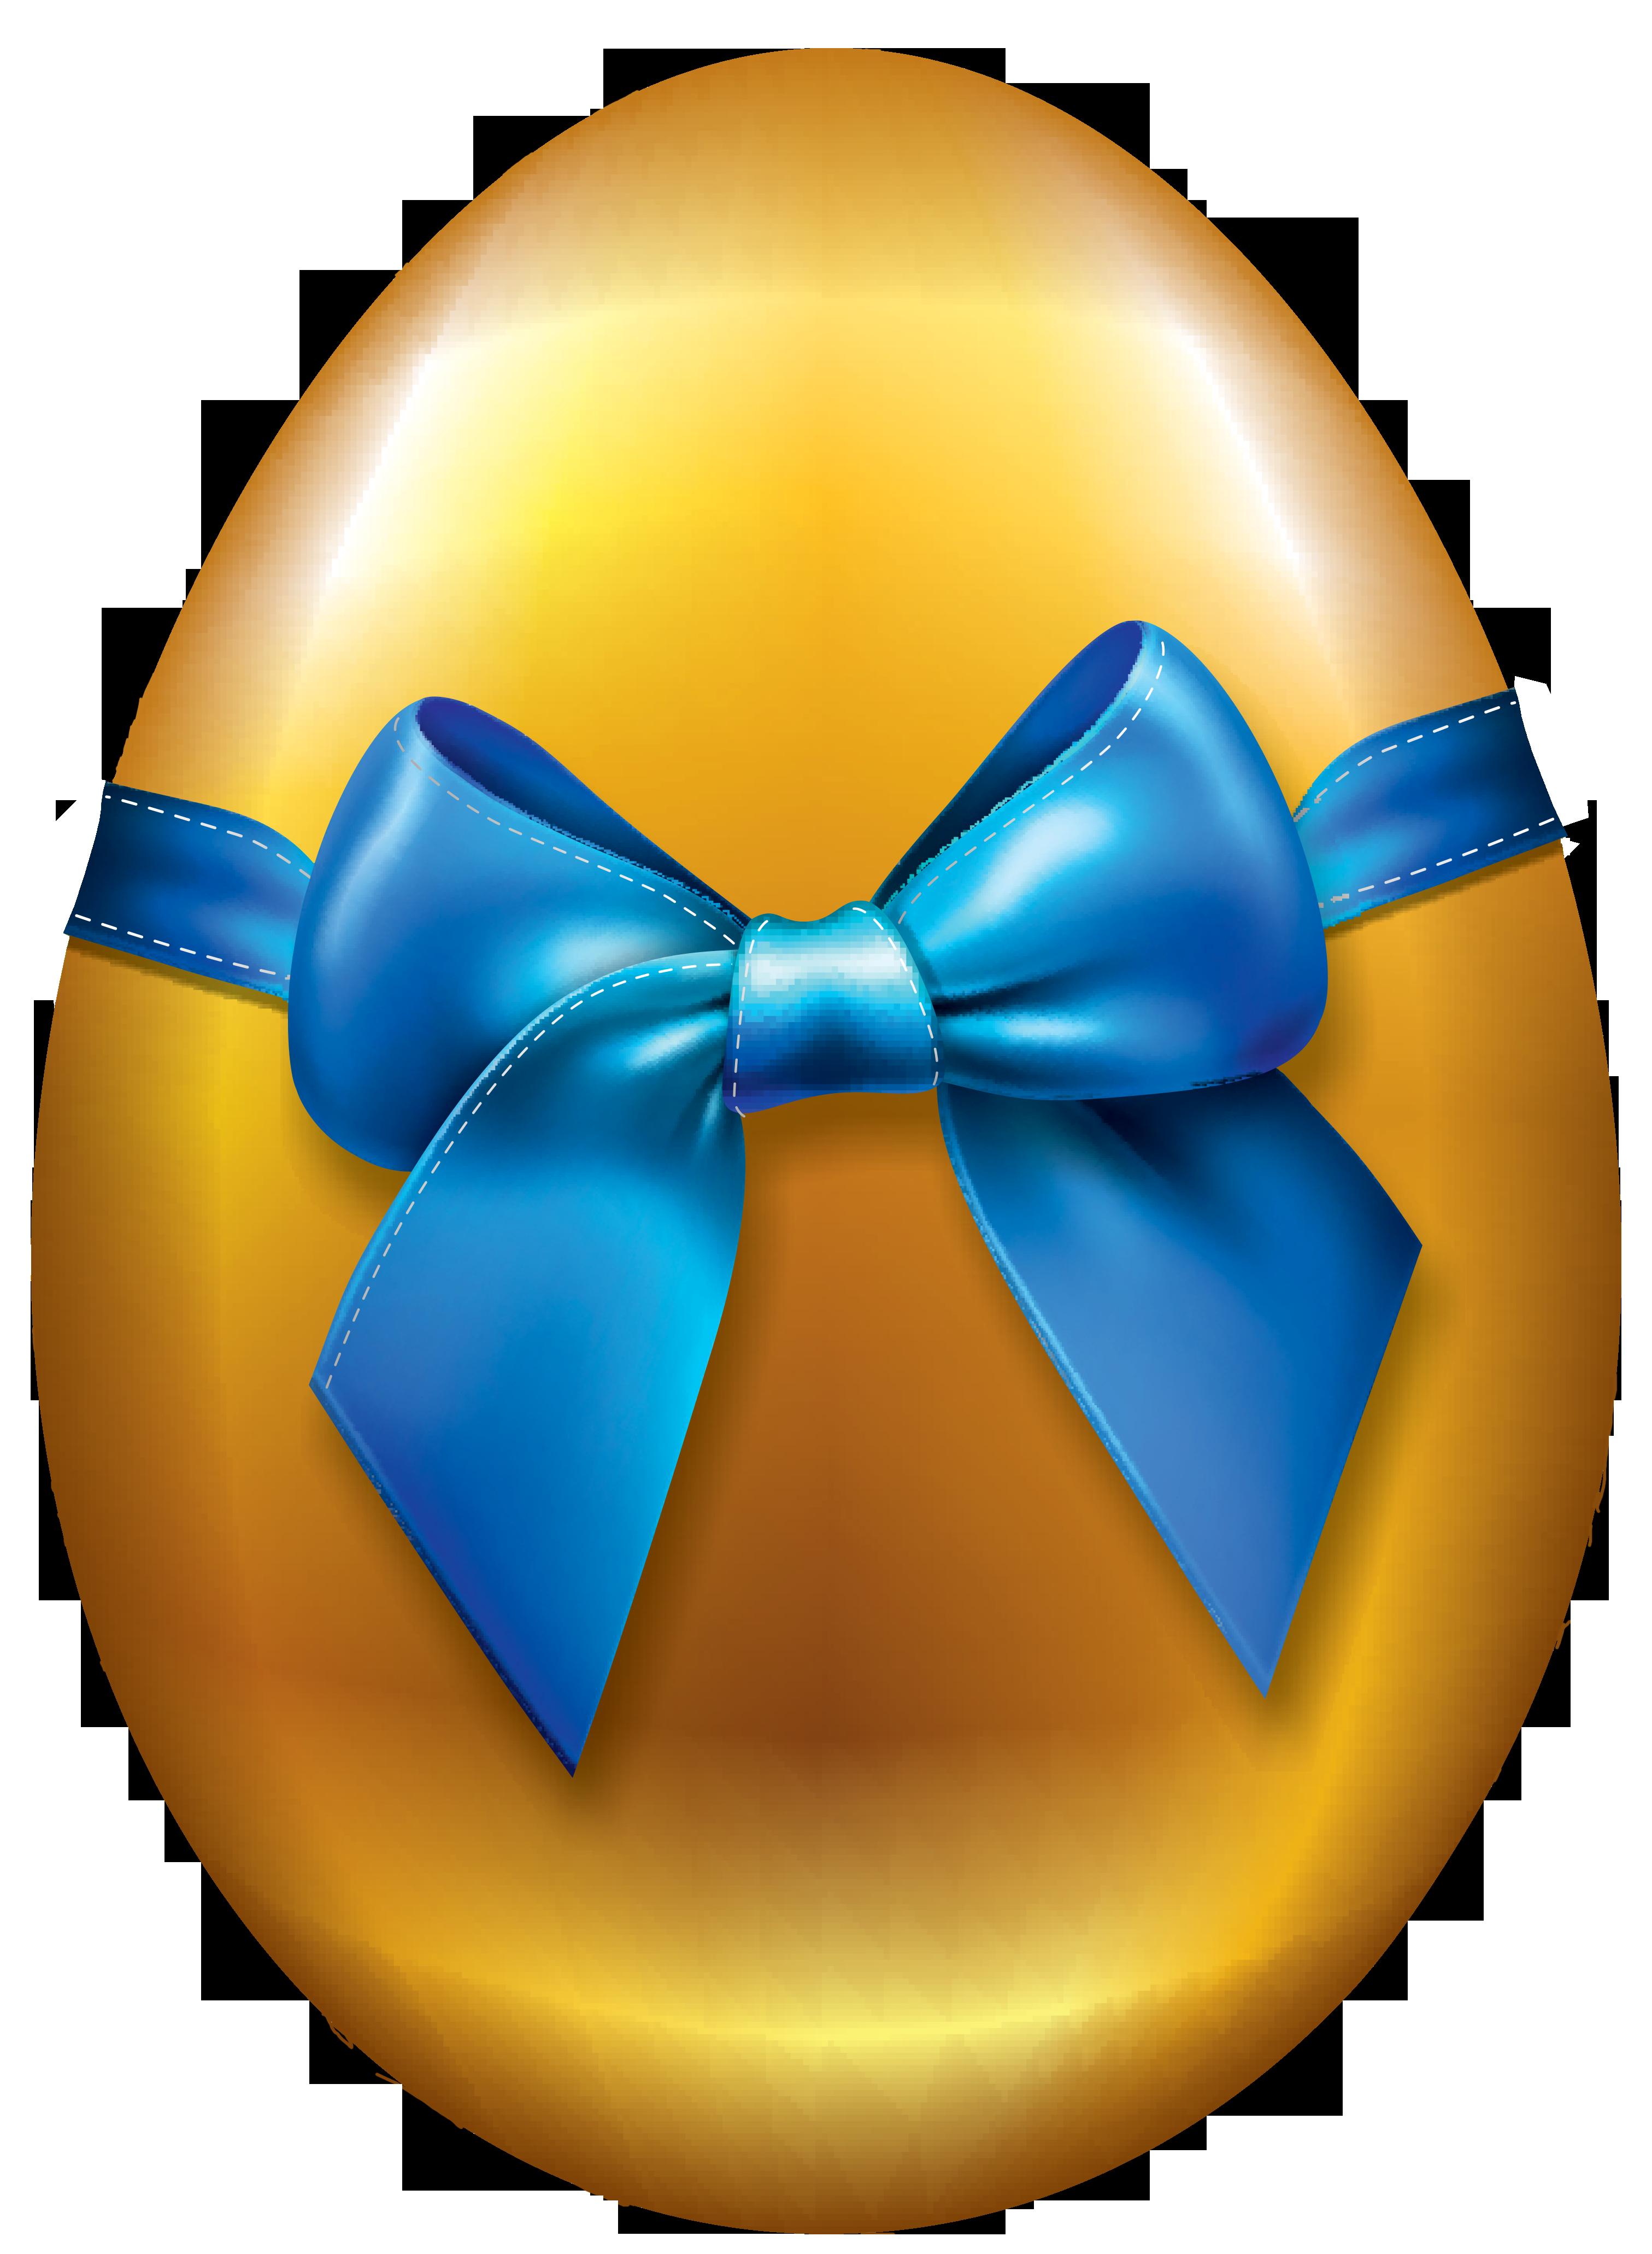 Nest clipart blue egg. Transparent easter golden png